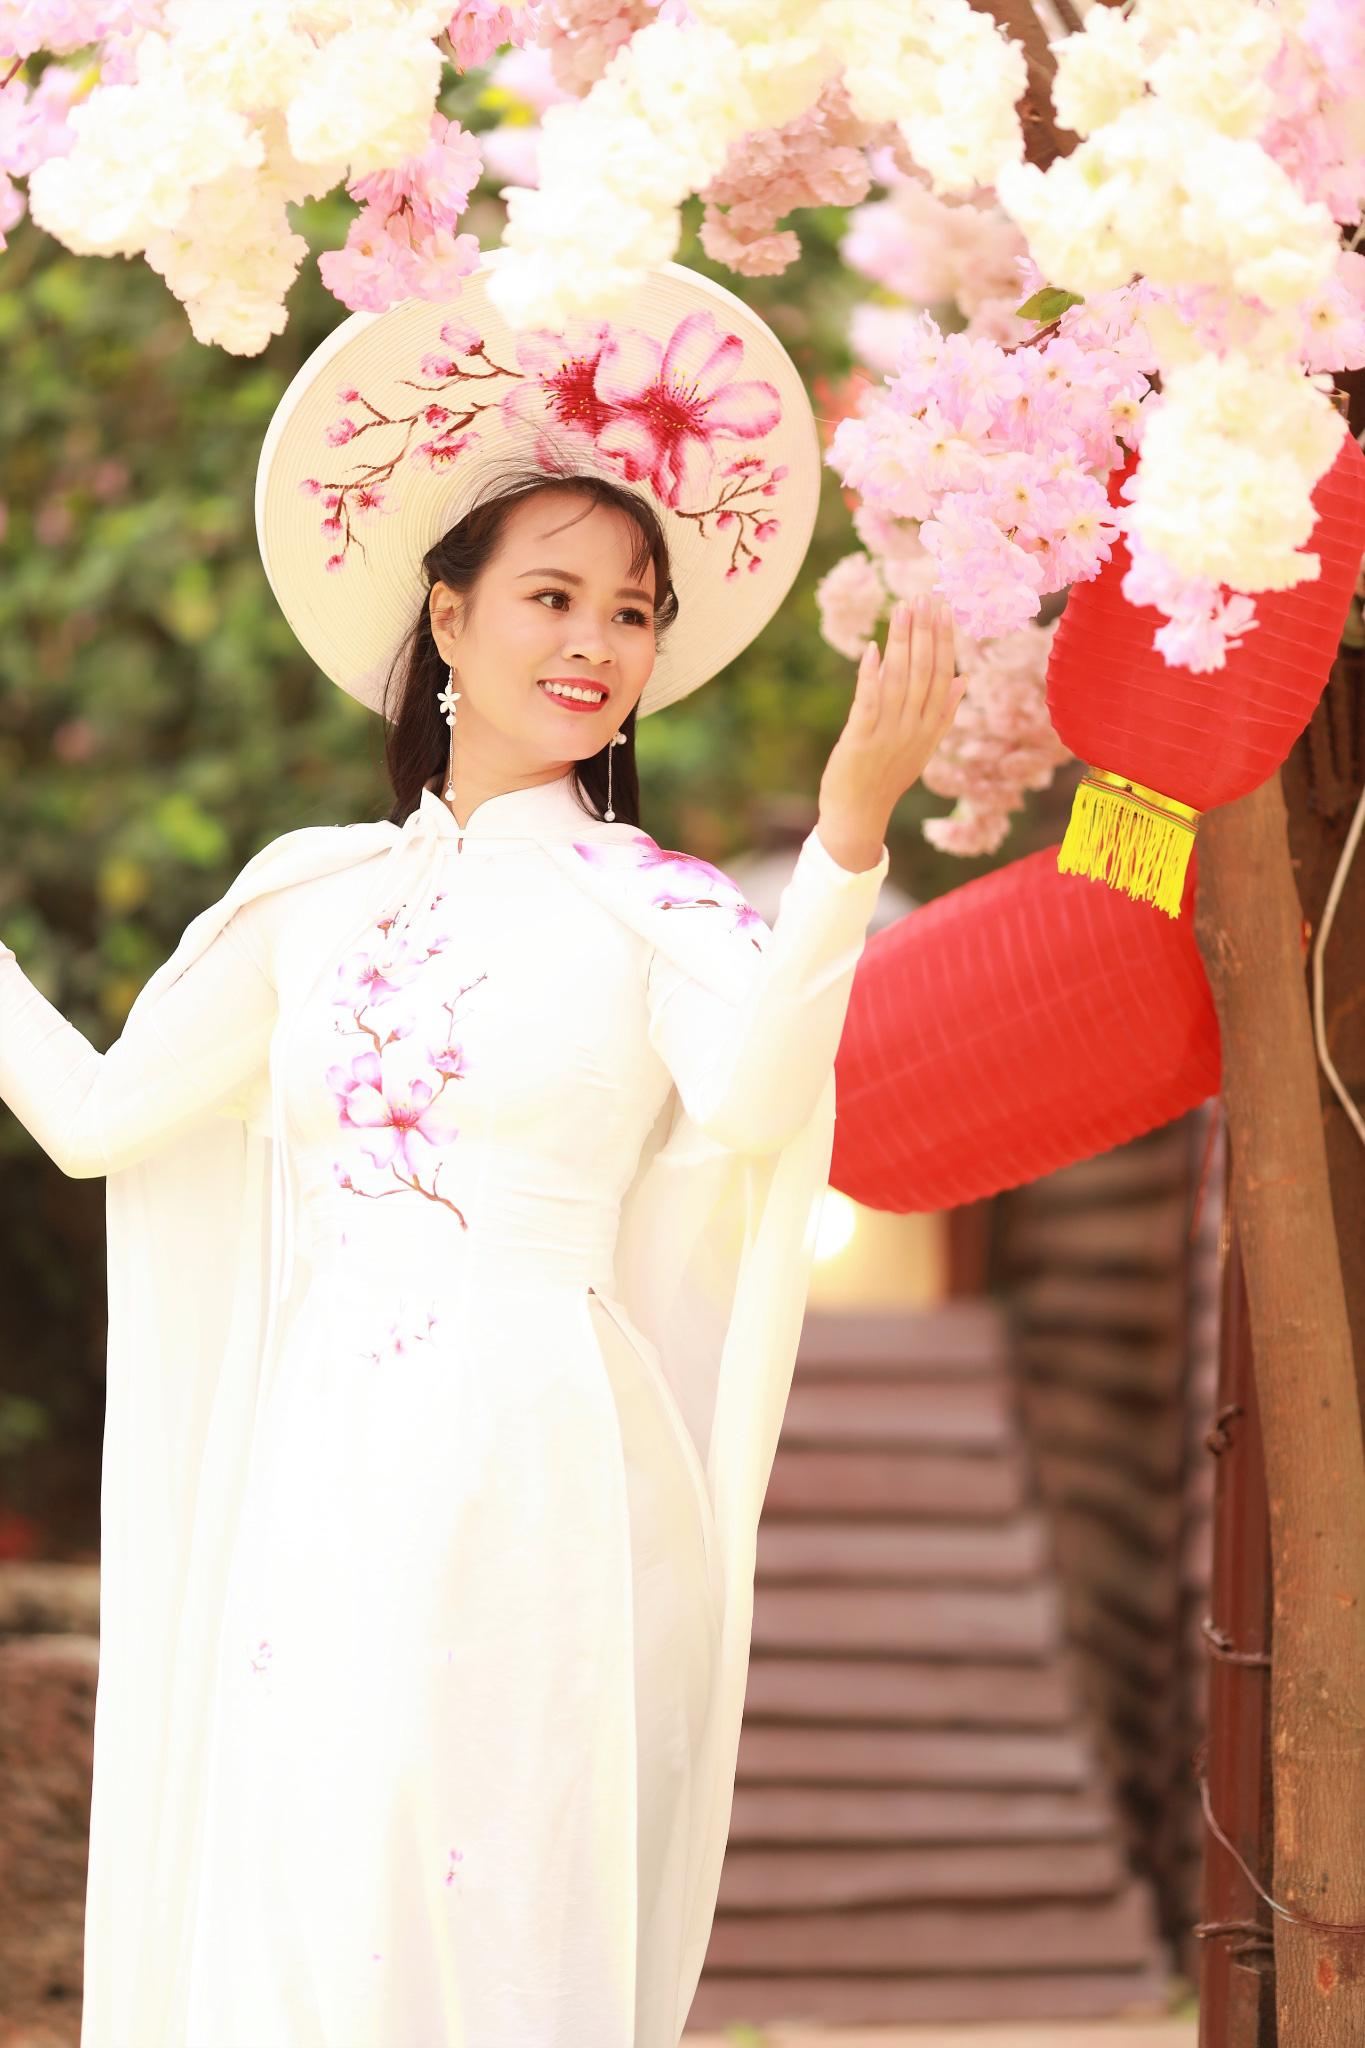 Vẻ đẹp thần tiên tỉ tỉ của Phạm Thị Ngọc Thanh trong bộ ảnh đón xuân - Ảnh 3.